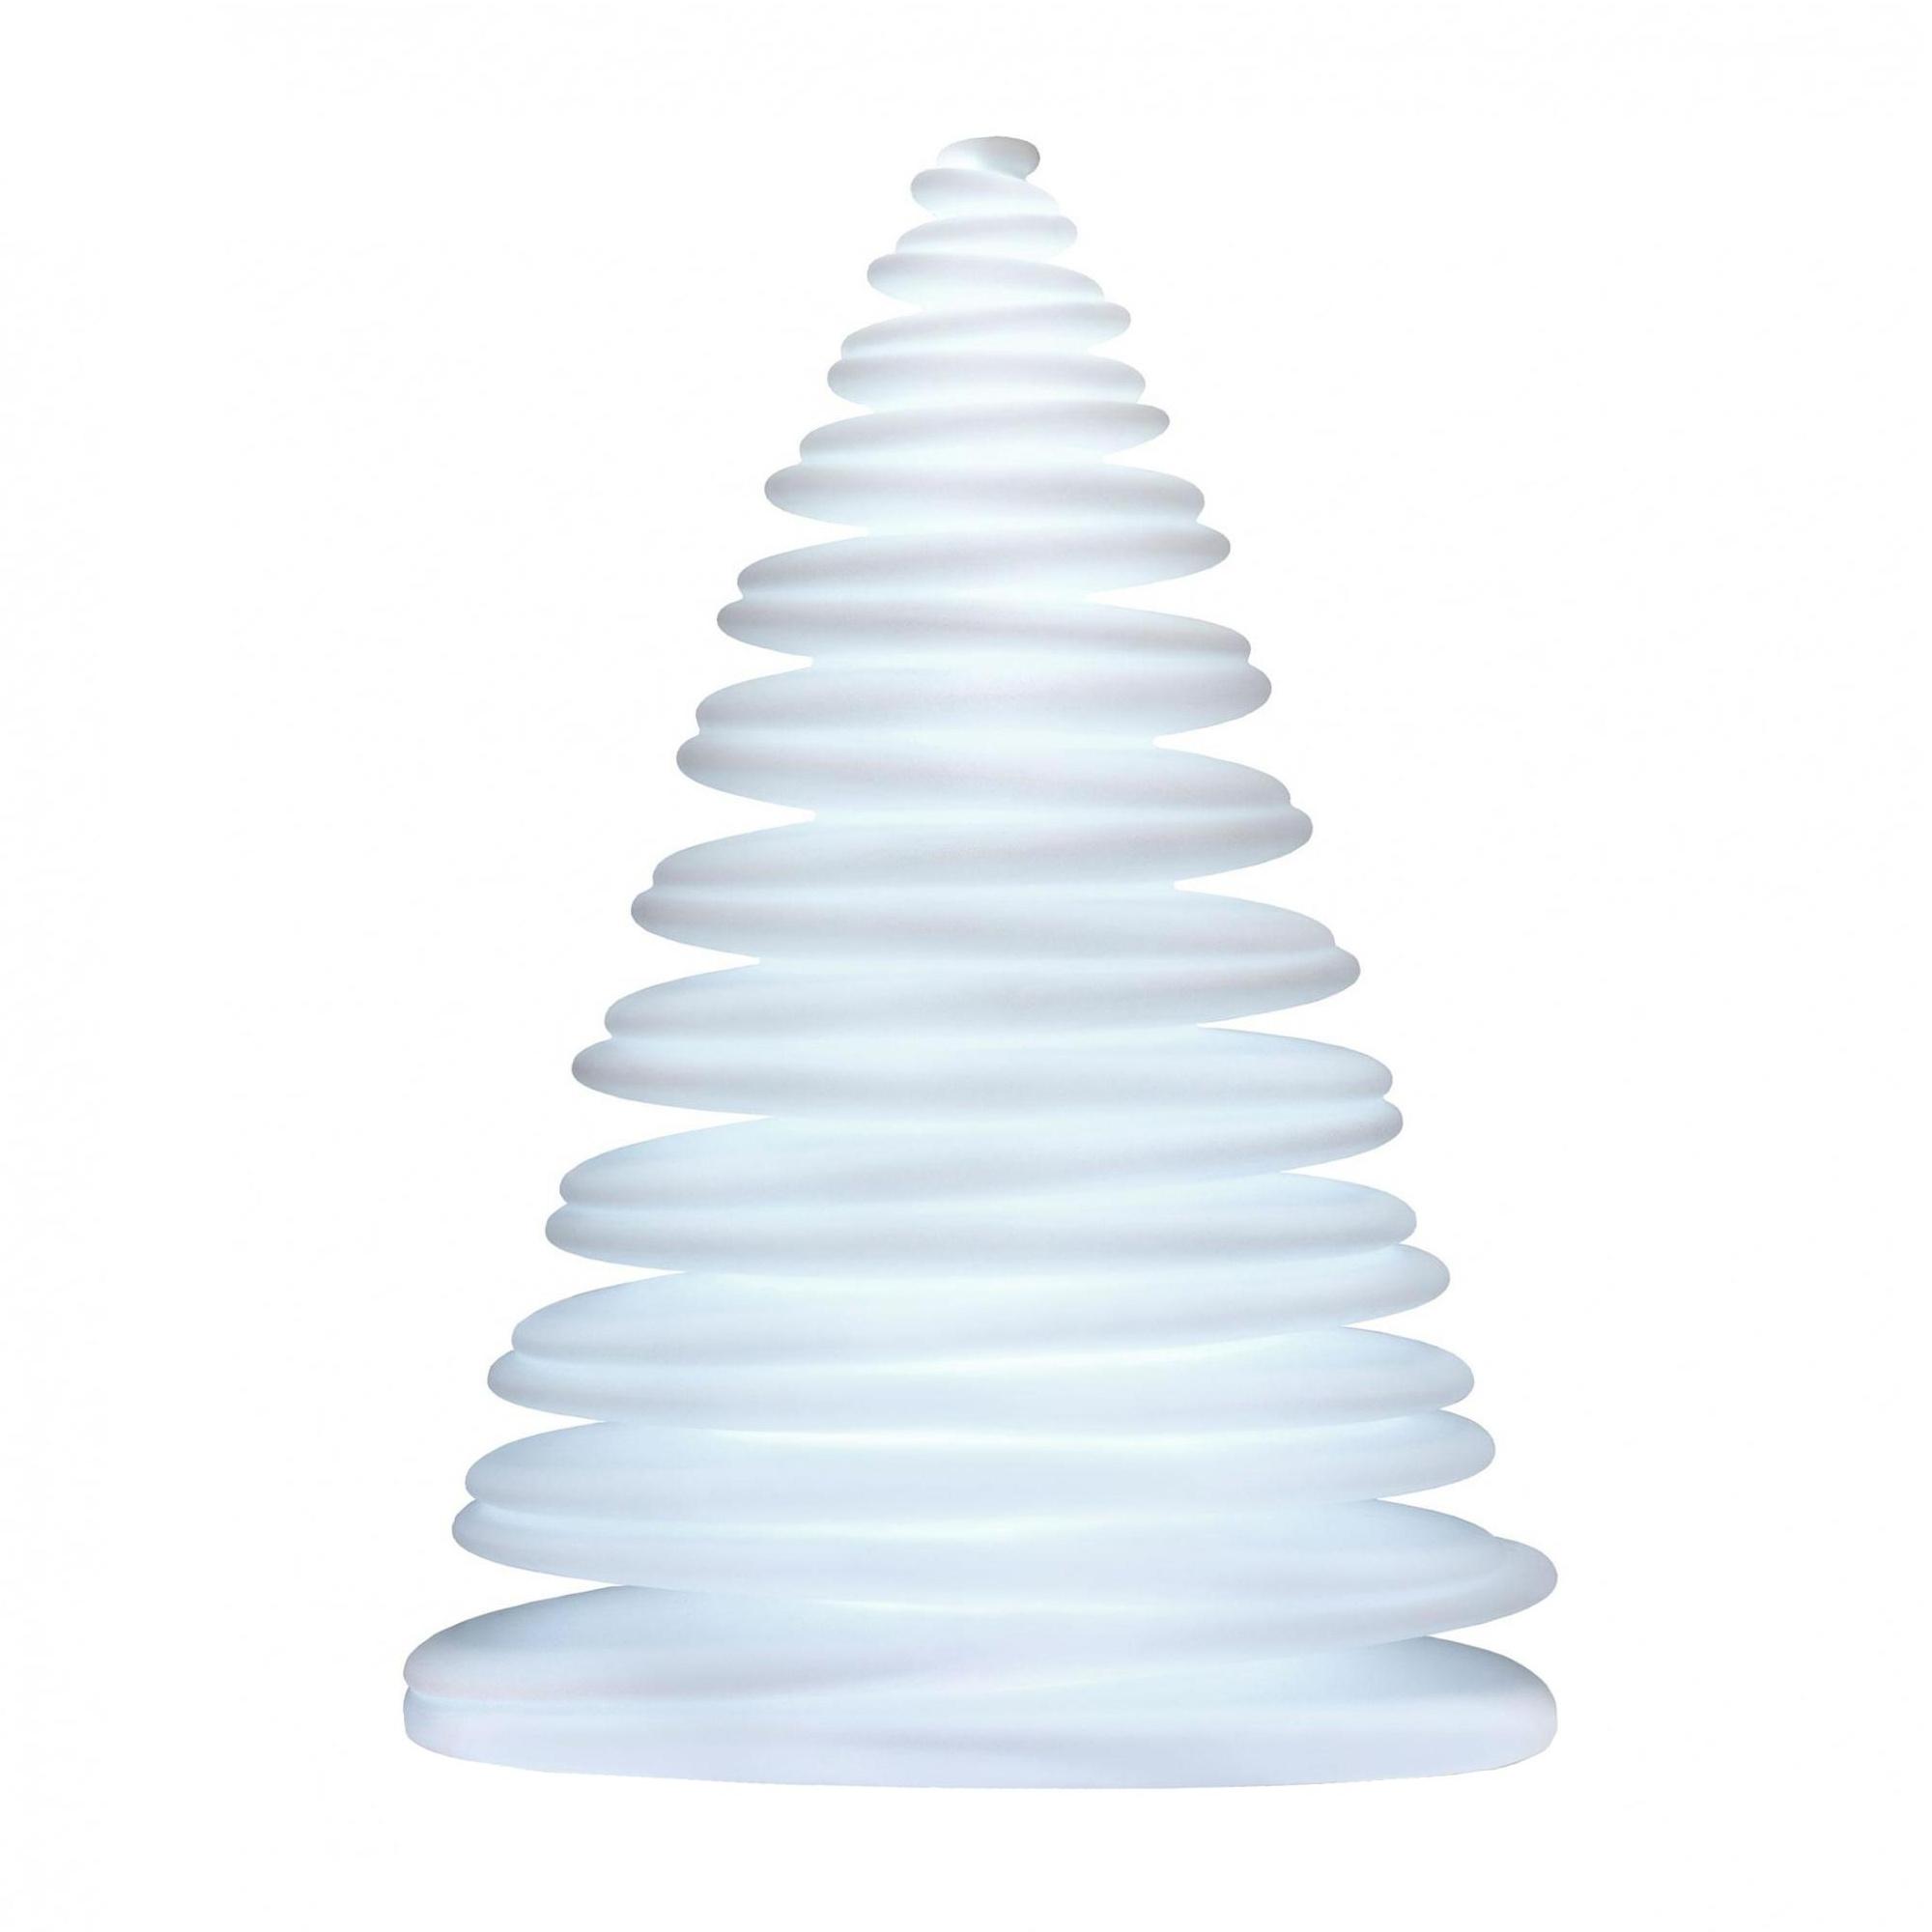 Vondom - Nano Chrismy Weihnachtsbaum-Tischleuchte - weiß/matt/LxBxH 19x13x2 günstig online kaufen